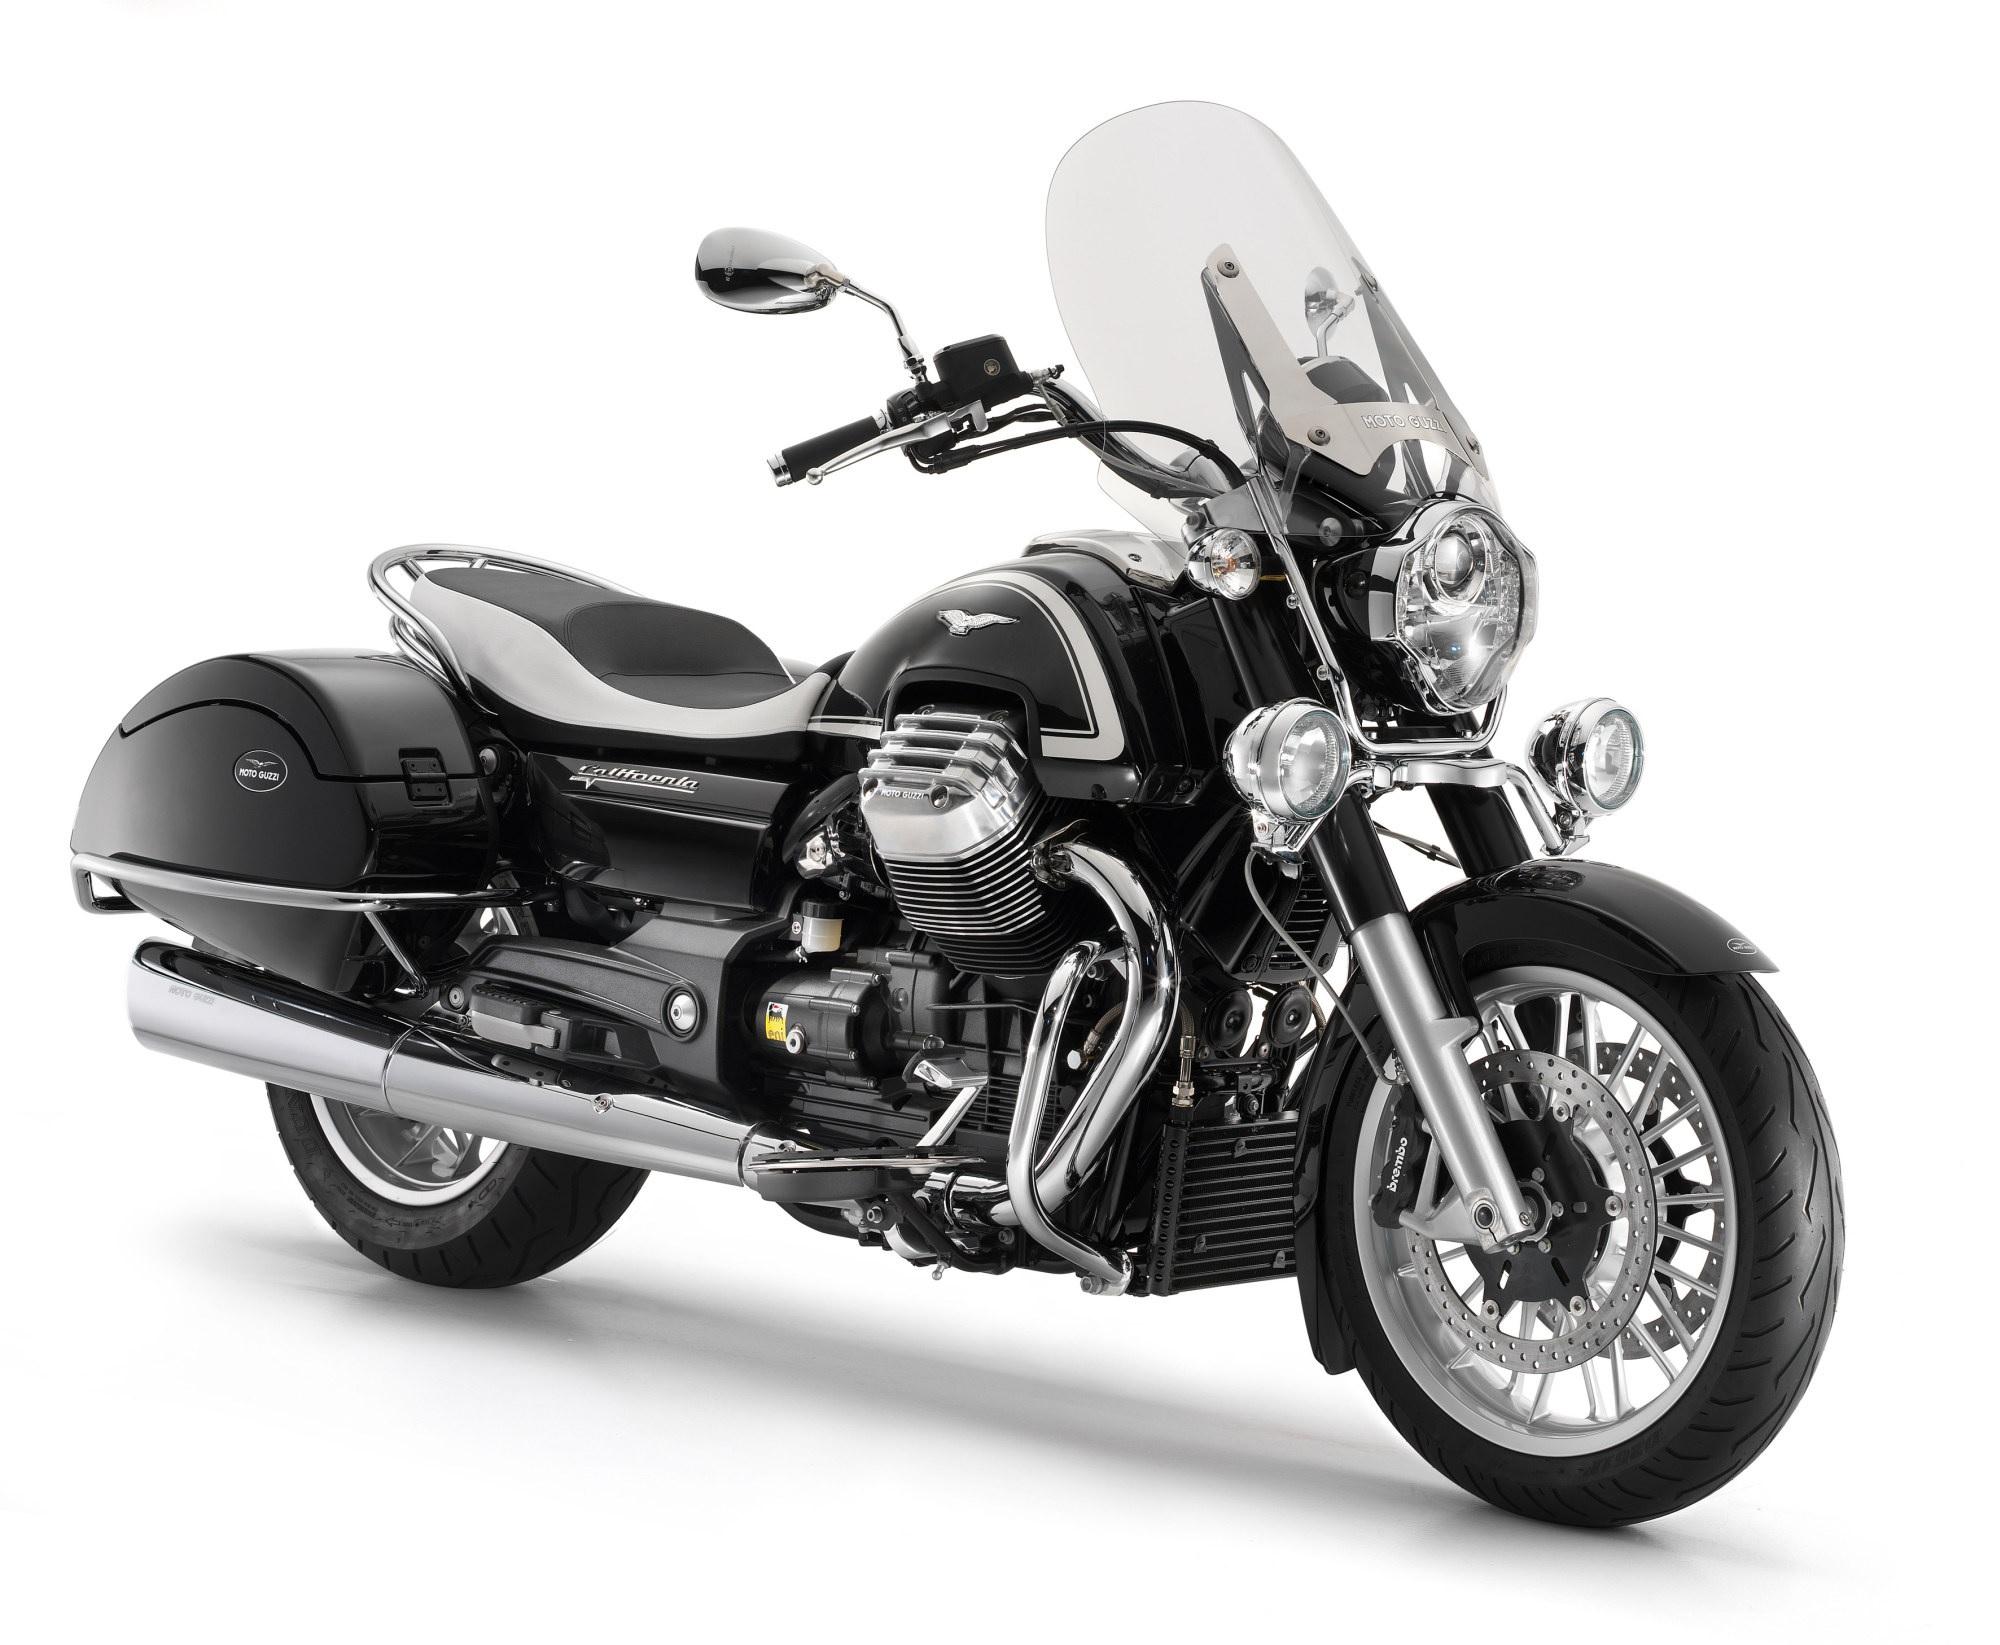 2020 Moto Guzzi California 1400 Touring Studio Shot